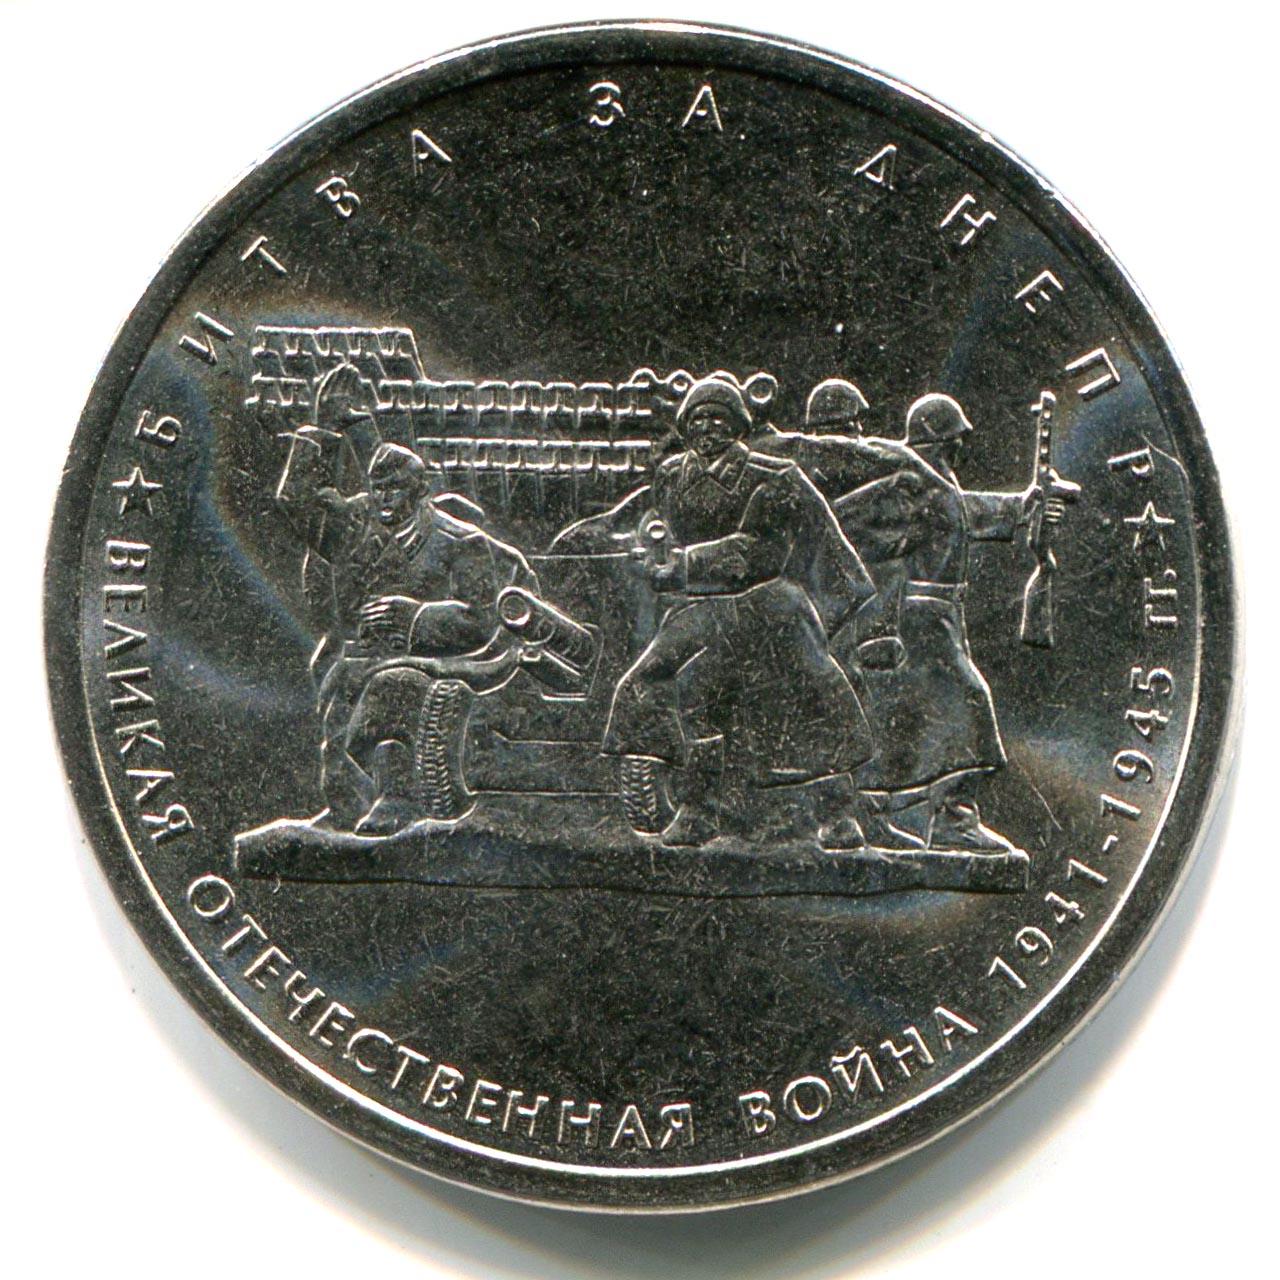 Монета 5 рублей битва за днепр стоимость юбилейных монет 2014 года